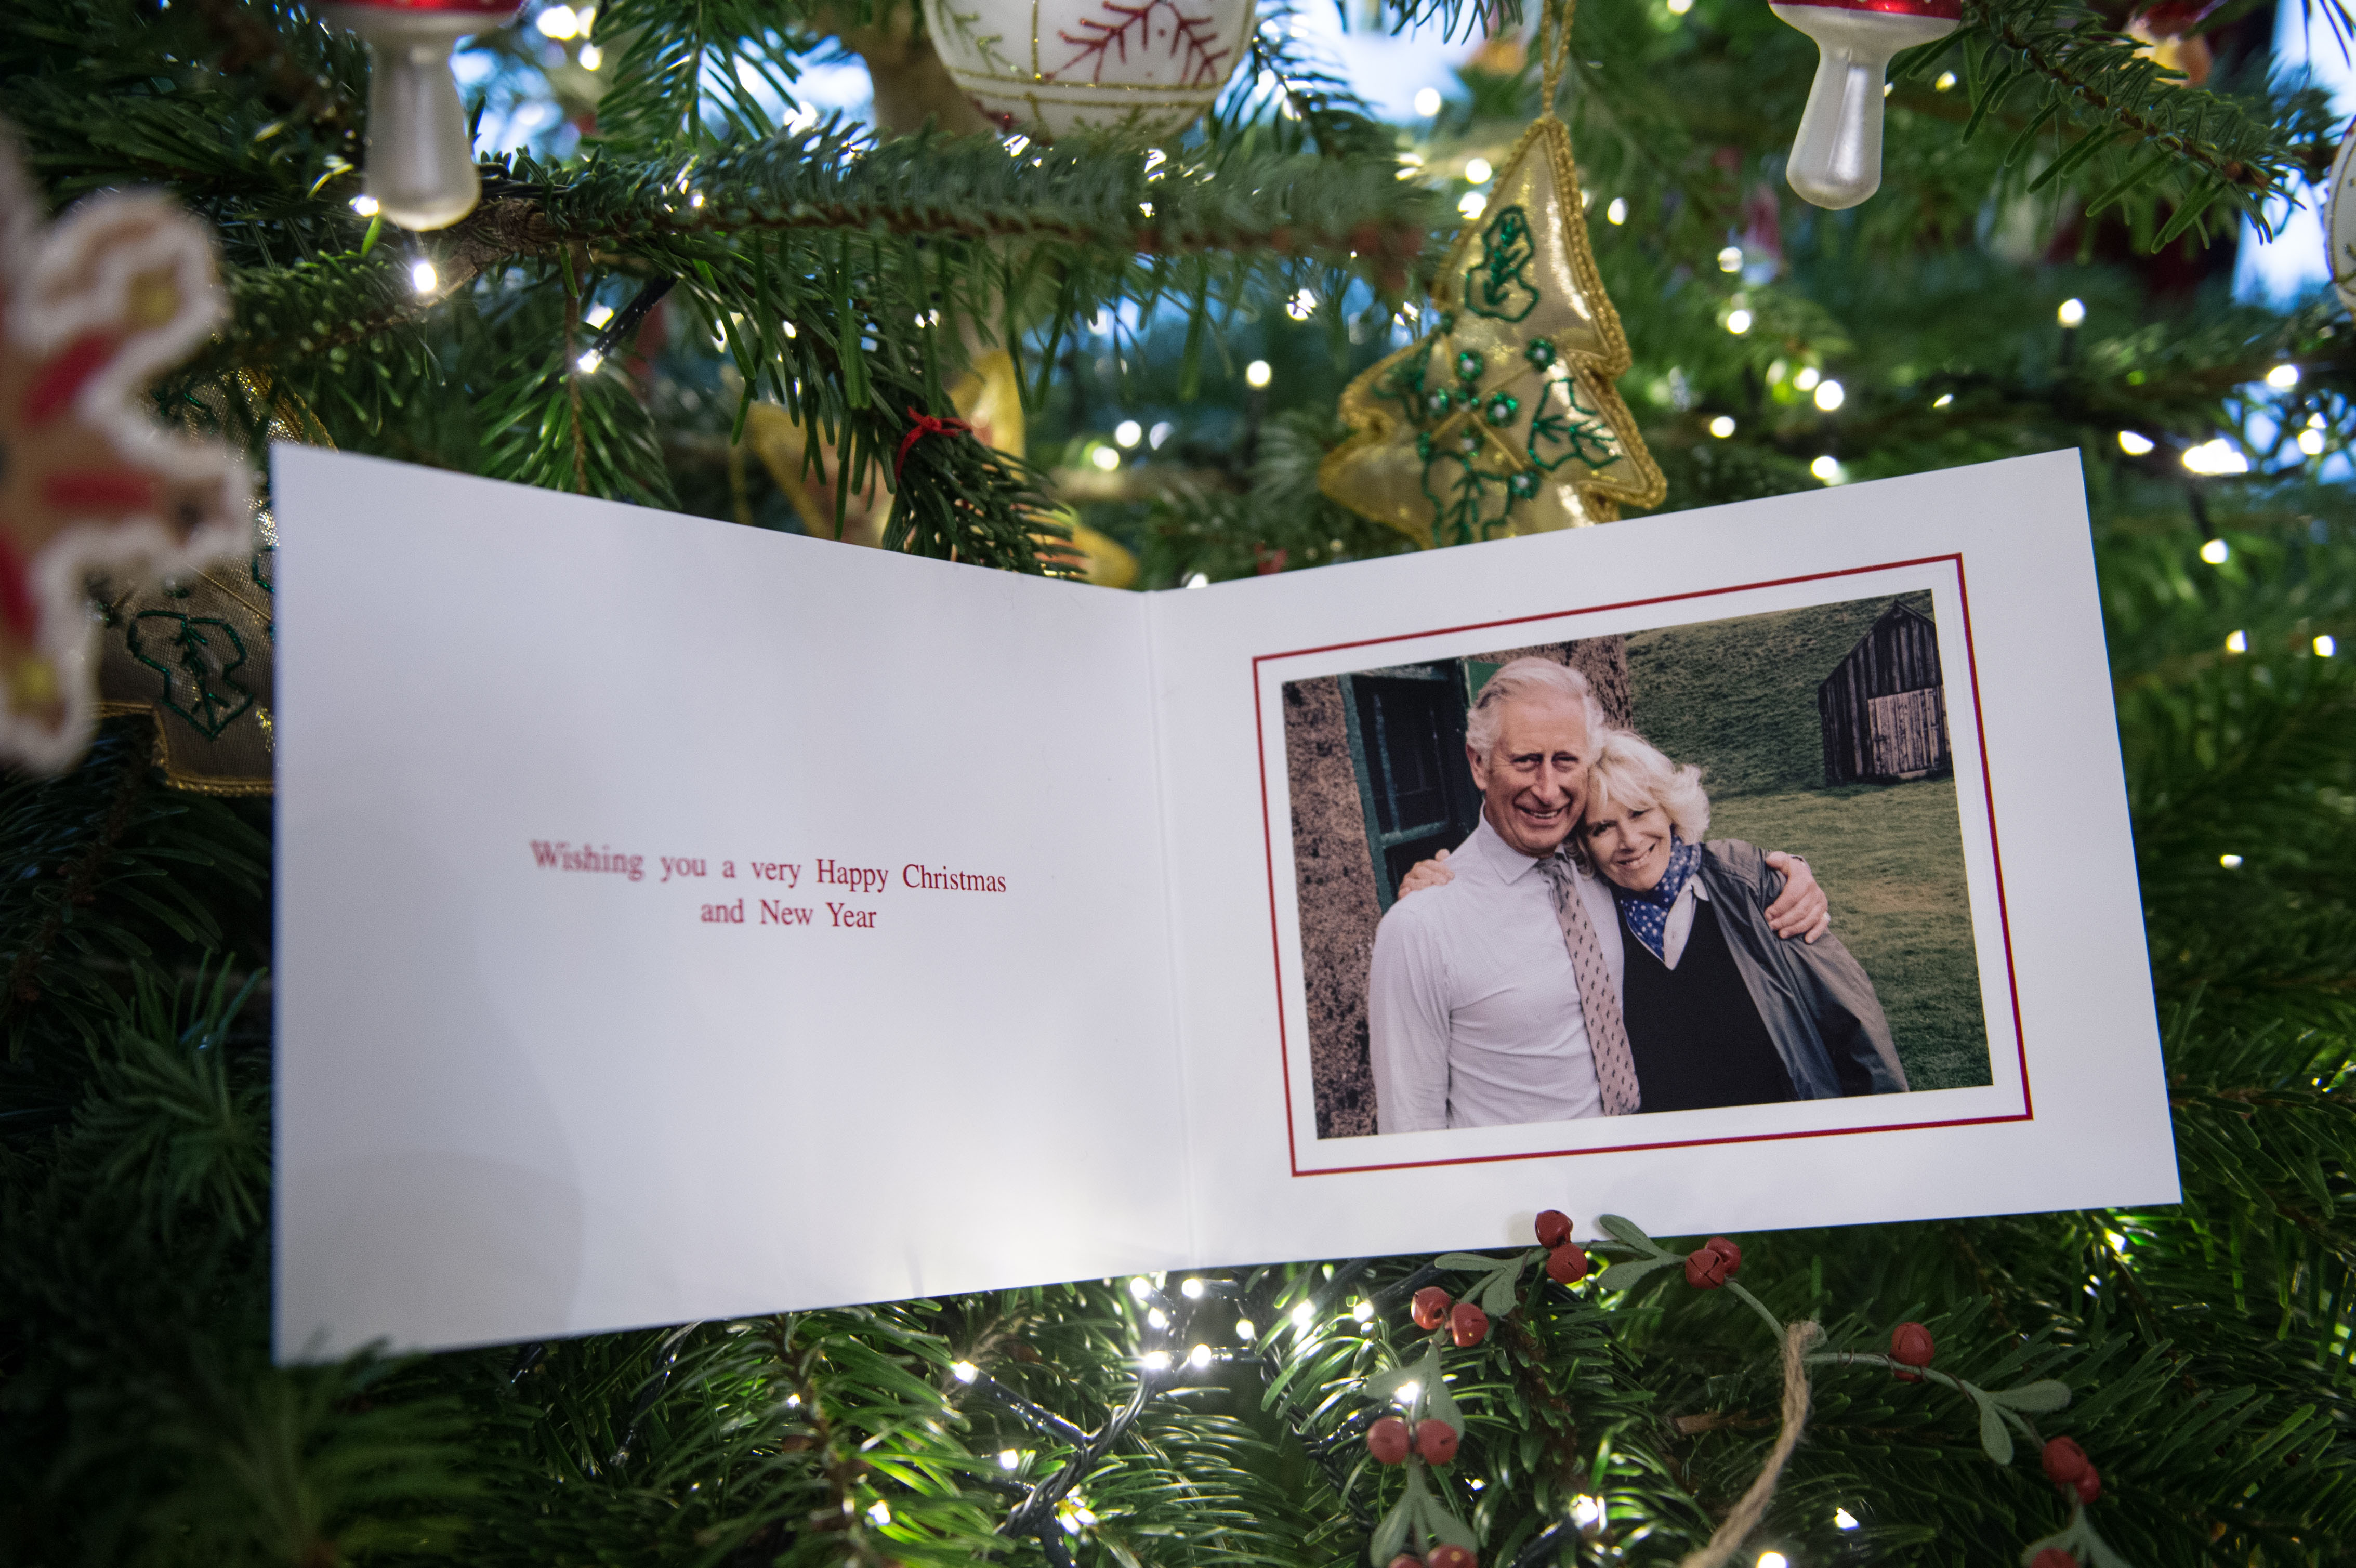 Prince Charles Christmas card